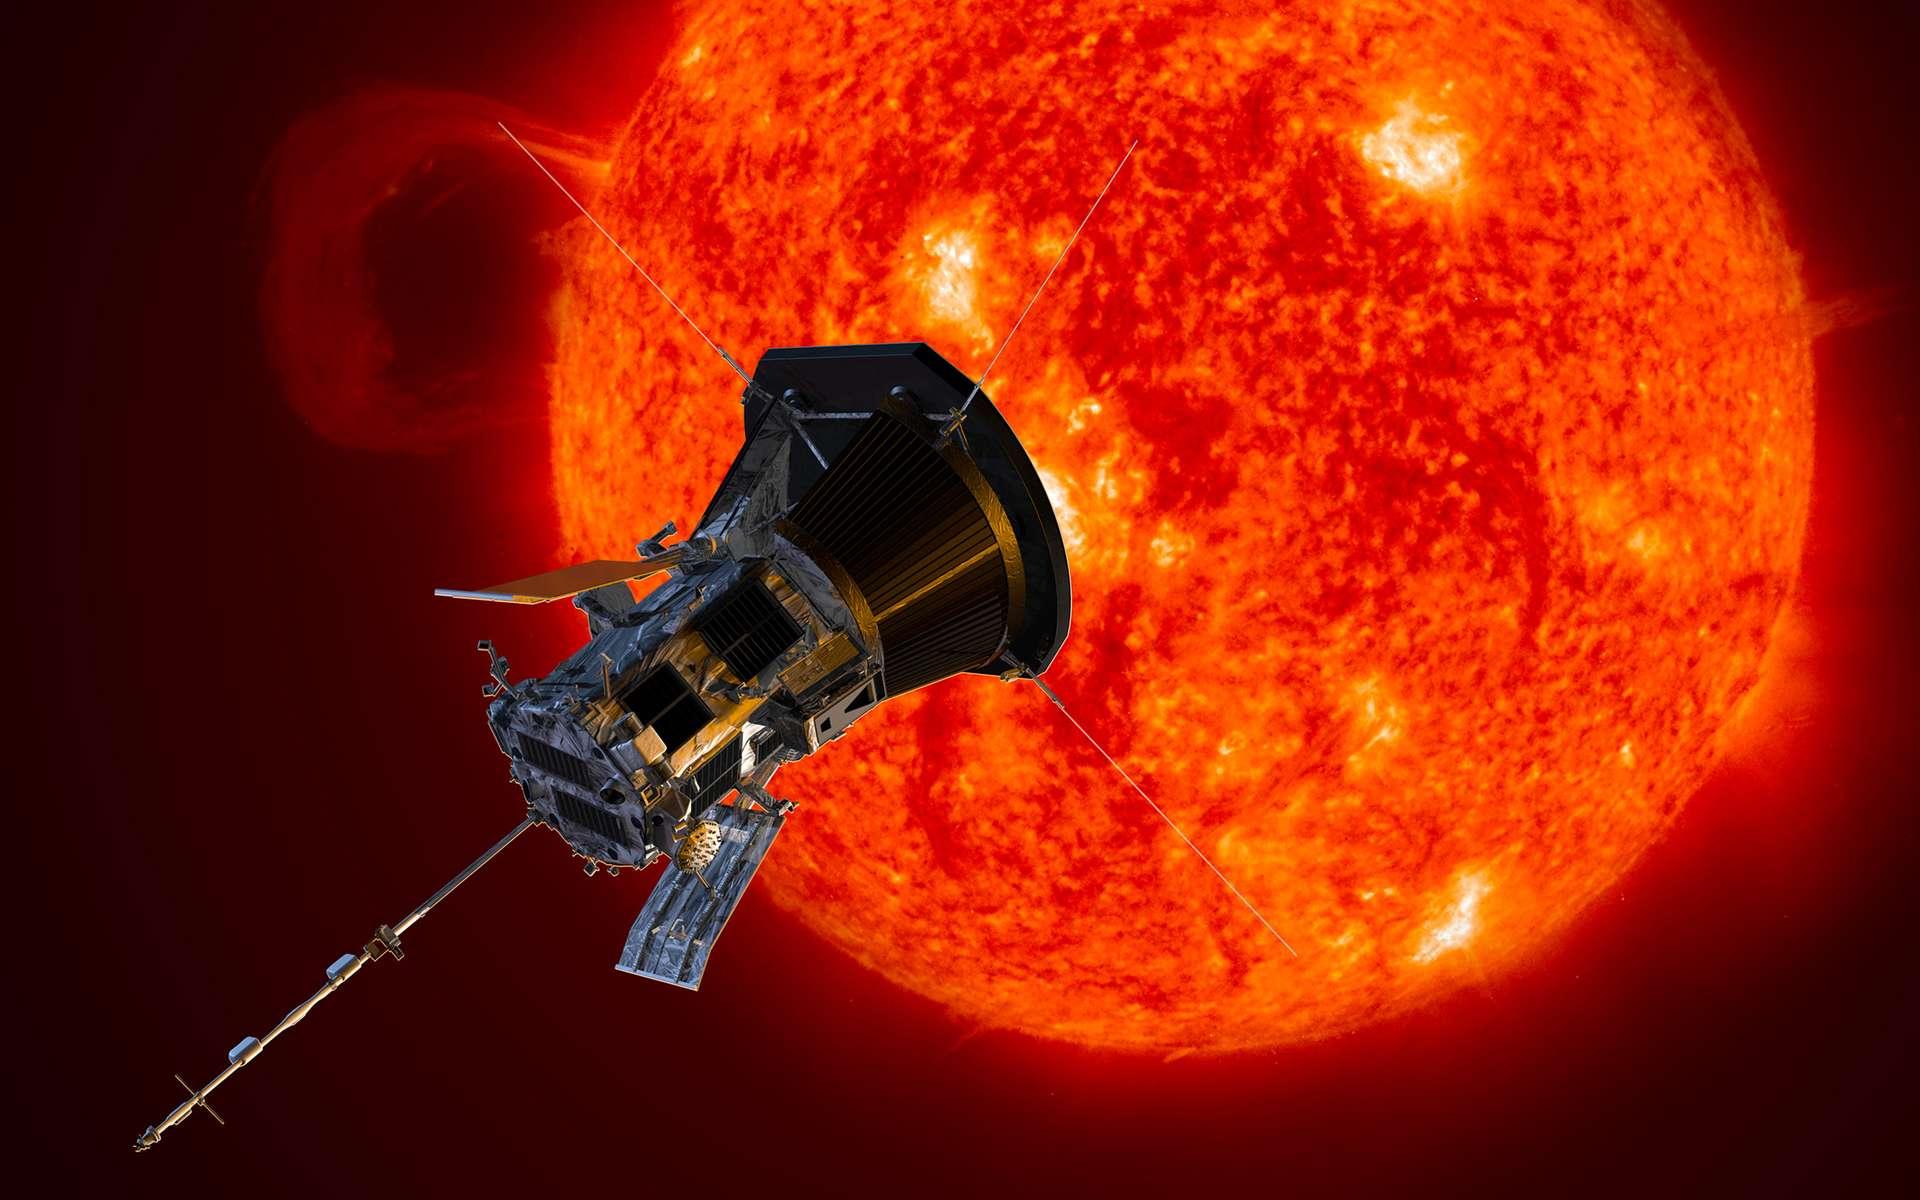 Le Soleil recèle encore bien des mystères et mérite que l'on aille le regarder de plus près. Ce dessin représente la sonde Parker Solar Probe en train de l'étudier. © Nasa, Johns Hopkins APL, Steve Gribben